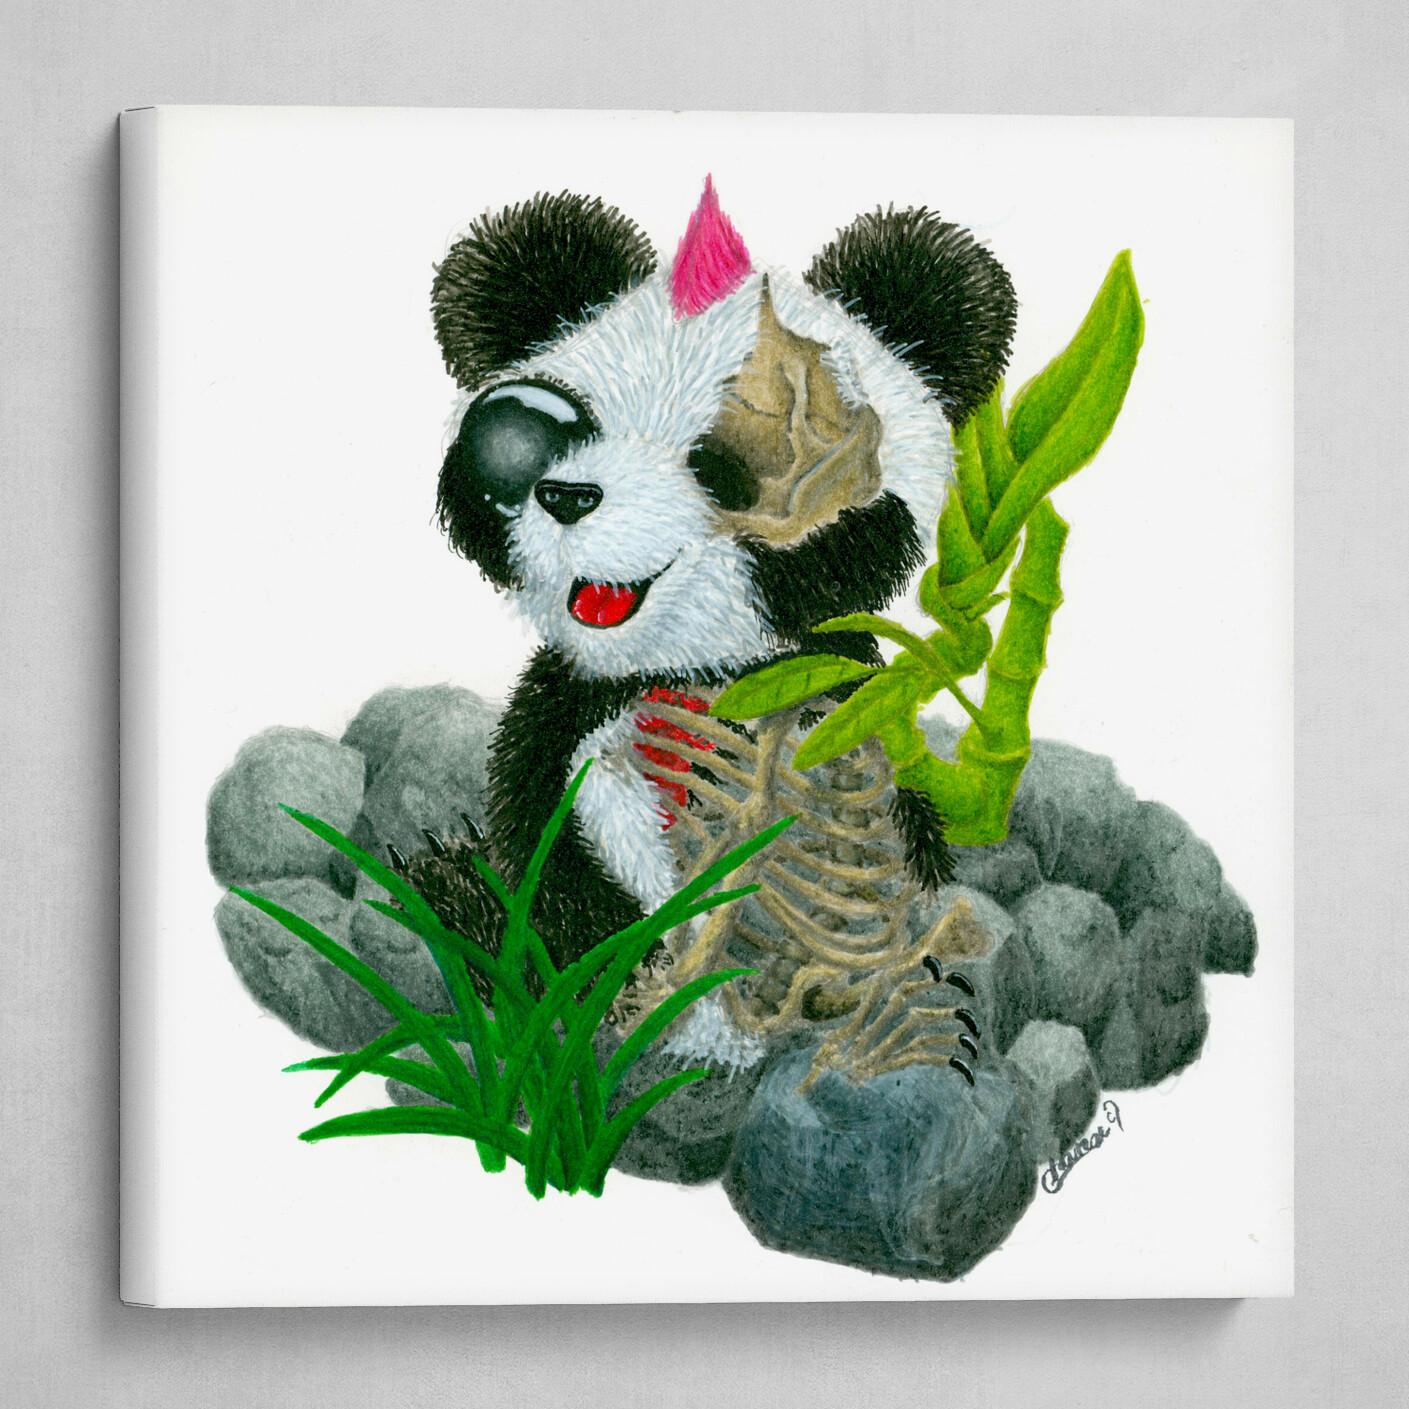 Pandamnic